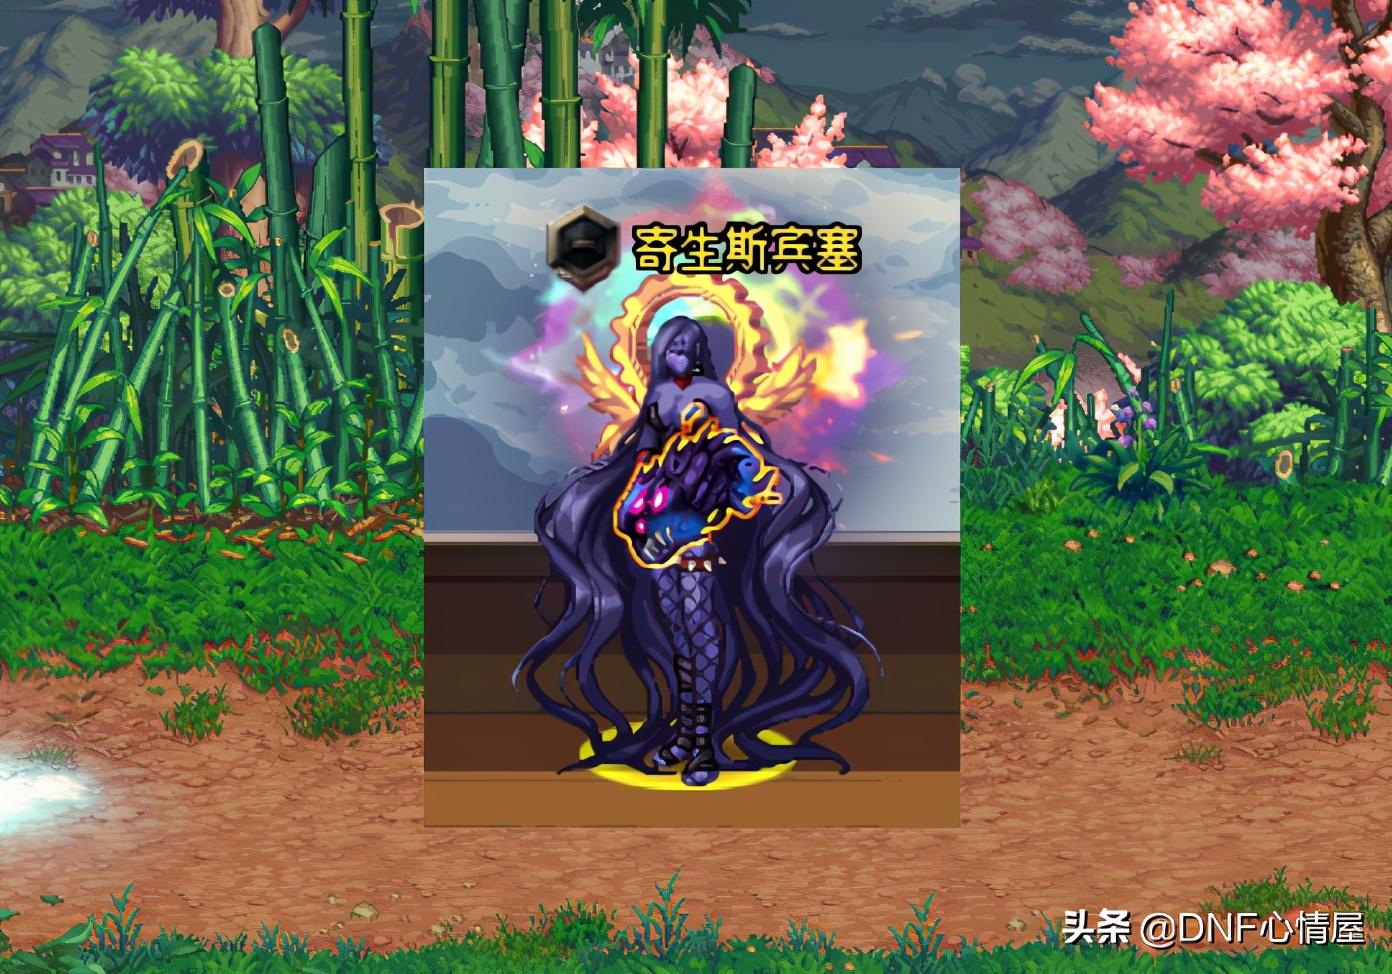 DNF:第一批神话装扮出炉!暖暖党晒成果,雪人套隐藏柱子外观